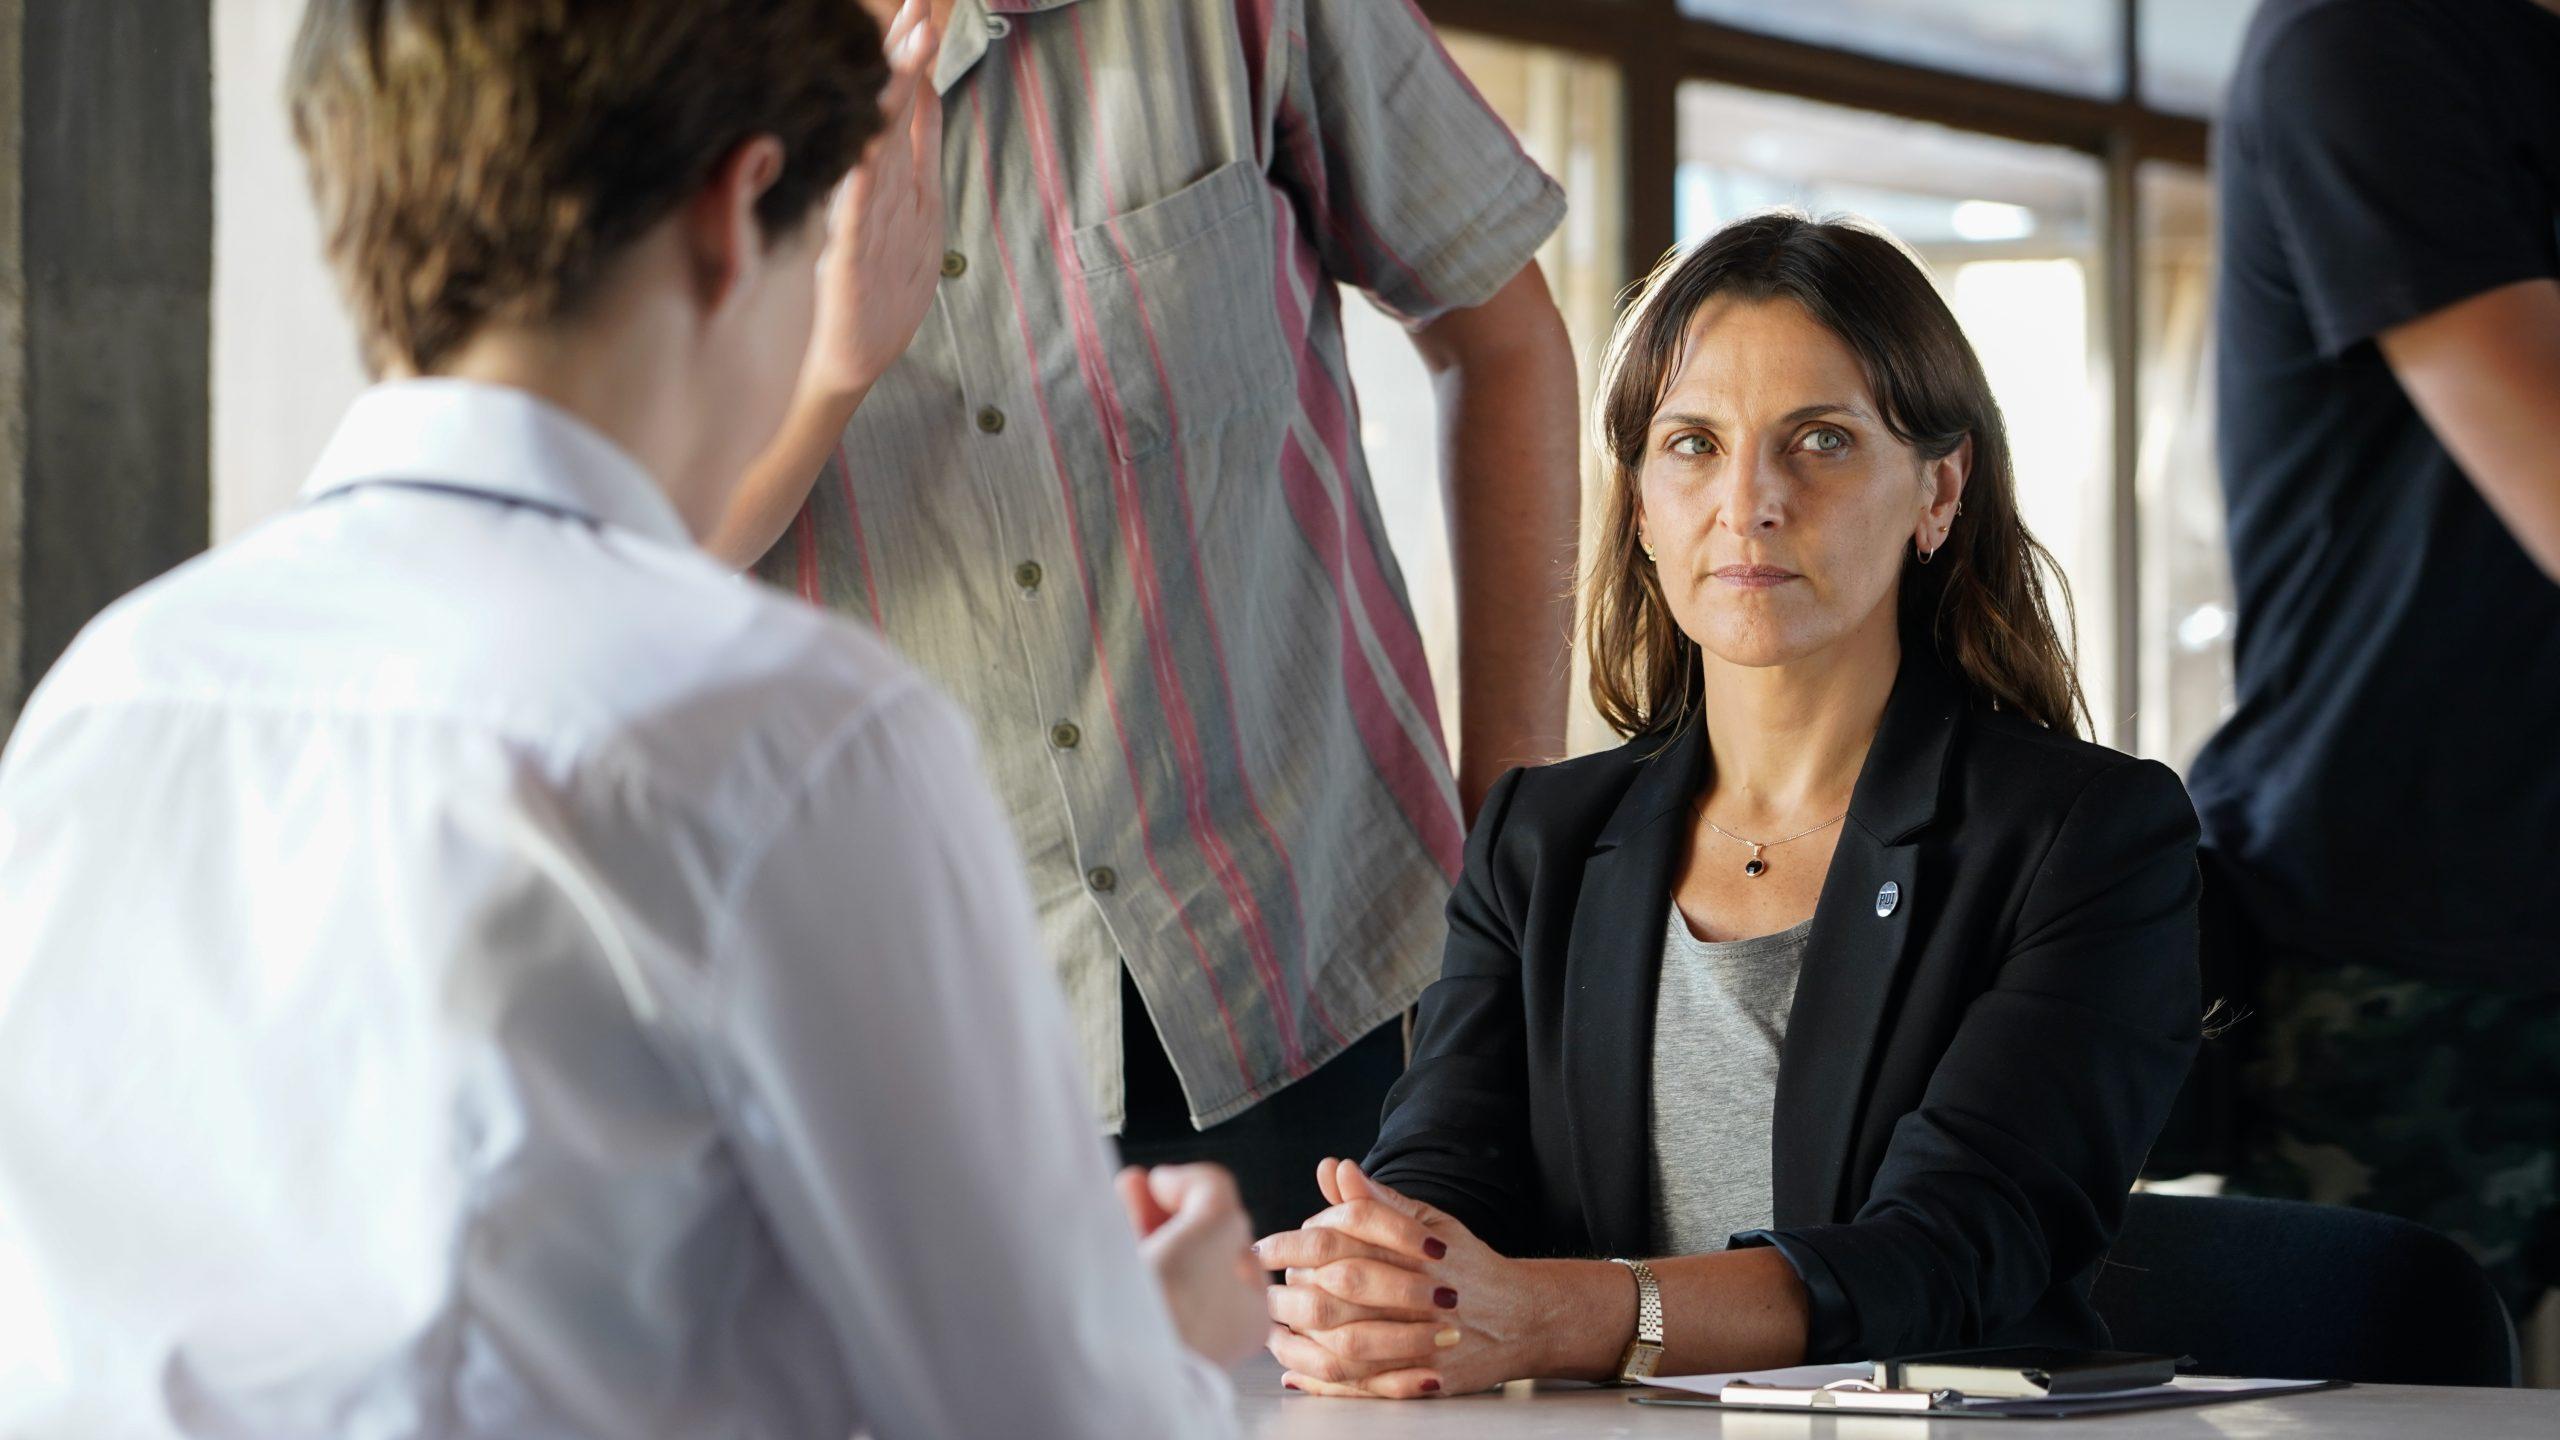 Antonia Zegers como la comisario Olivia Fernández en 'La Jauría'.